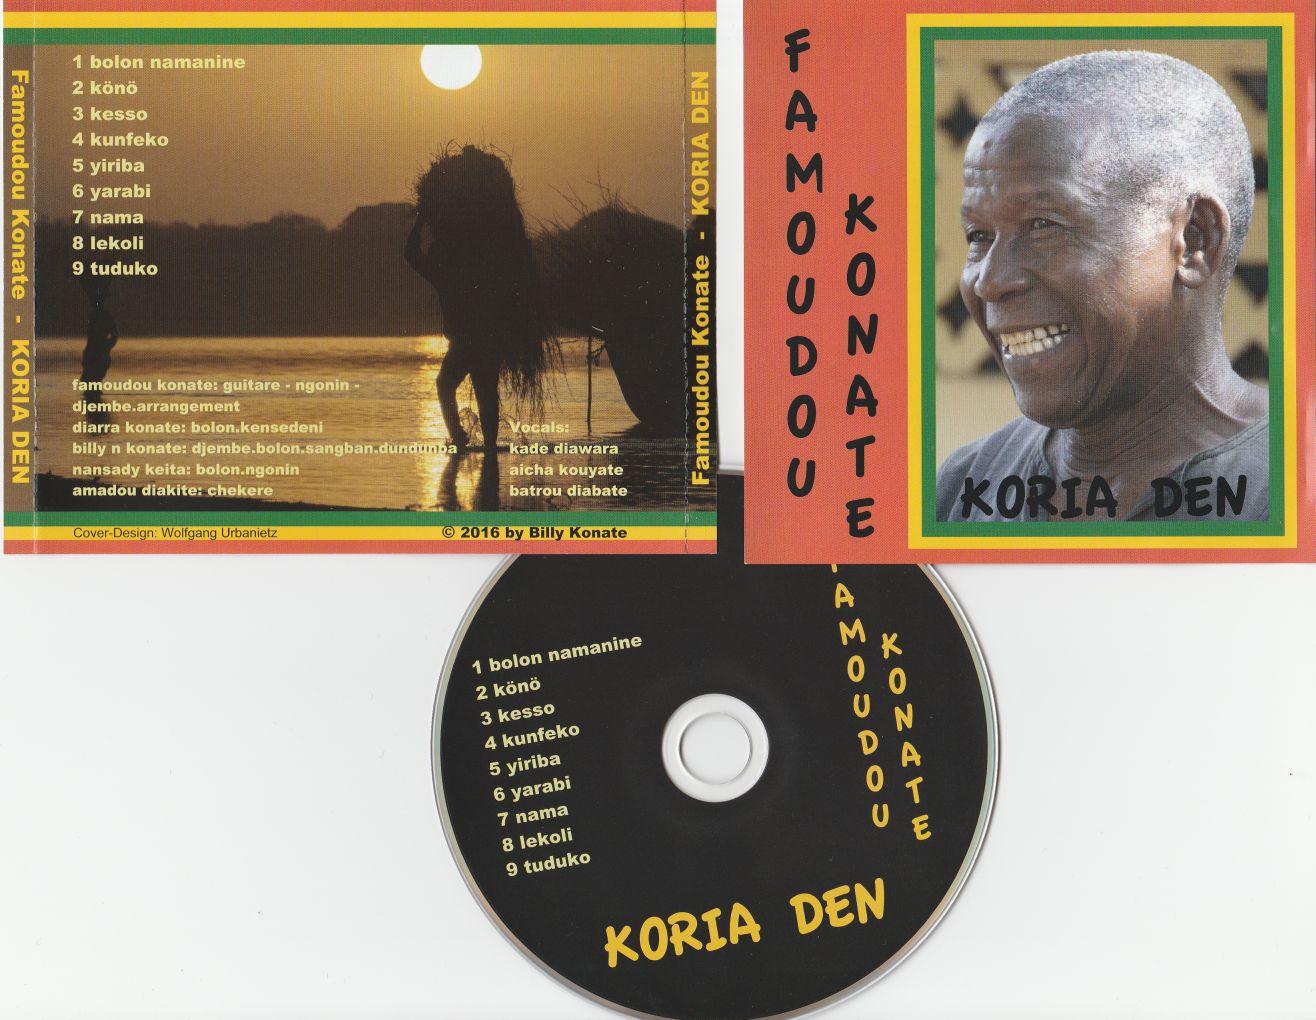 FK_koria den